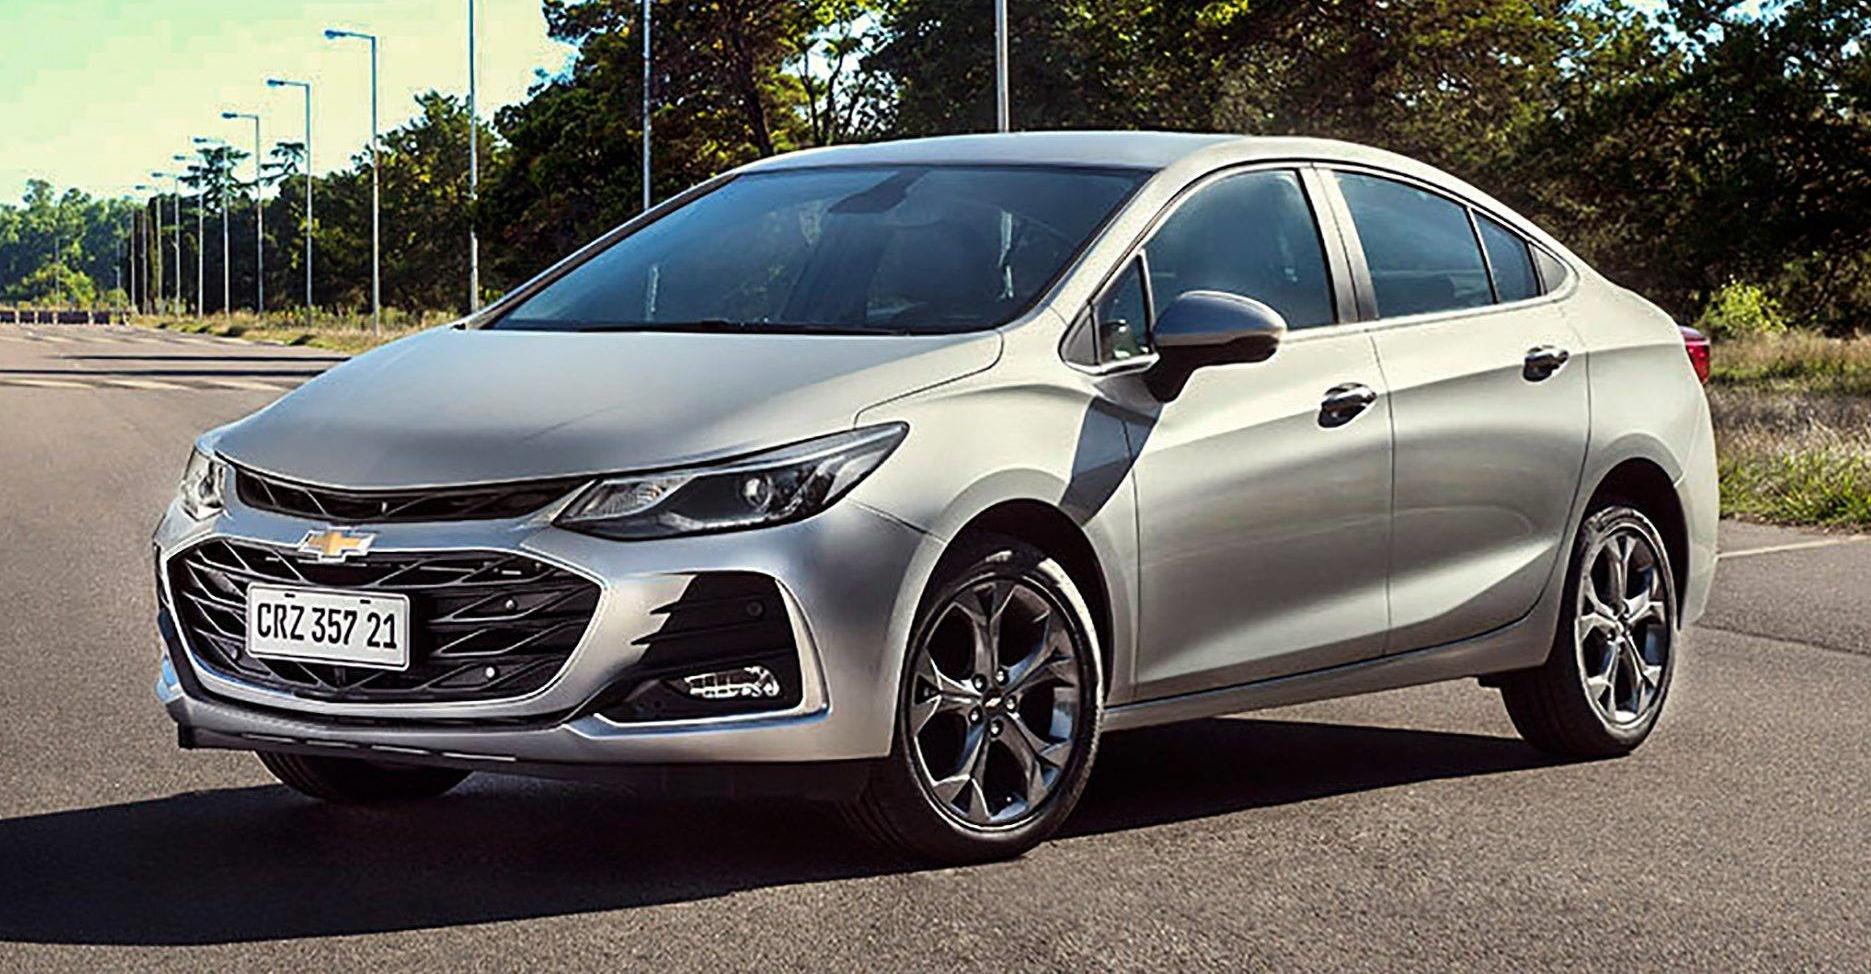 Chevrolet Cruze deverá alguma atualização ainda este ano